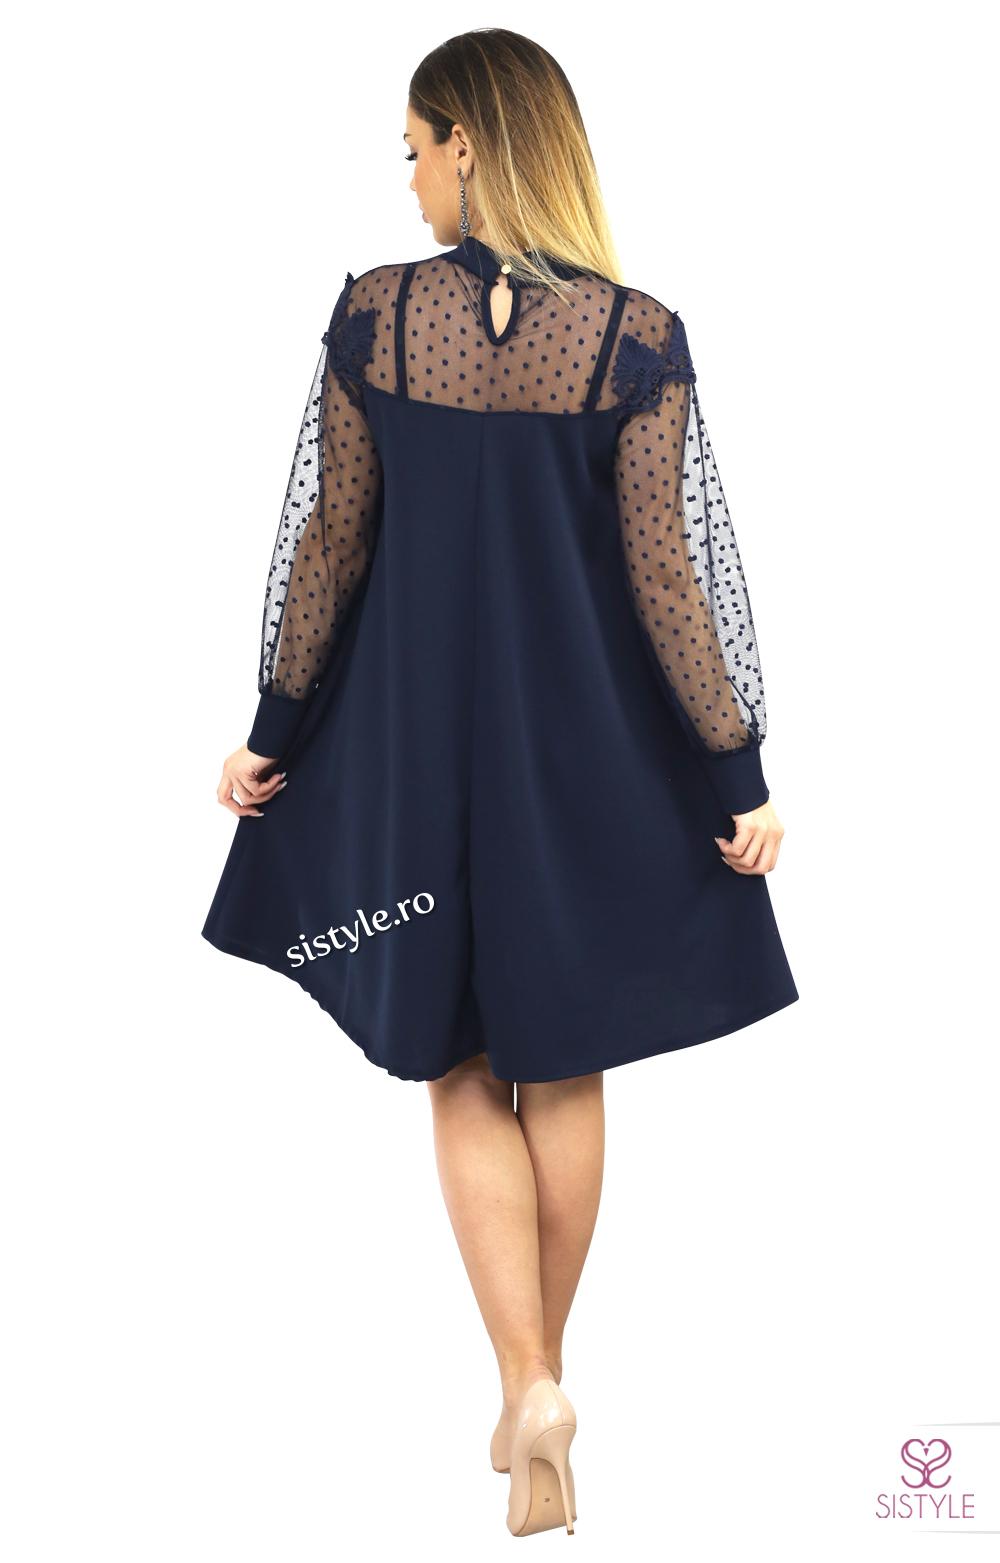 rochie cu maneci transparente